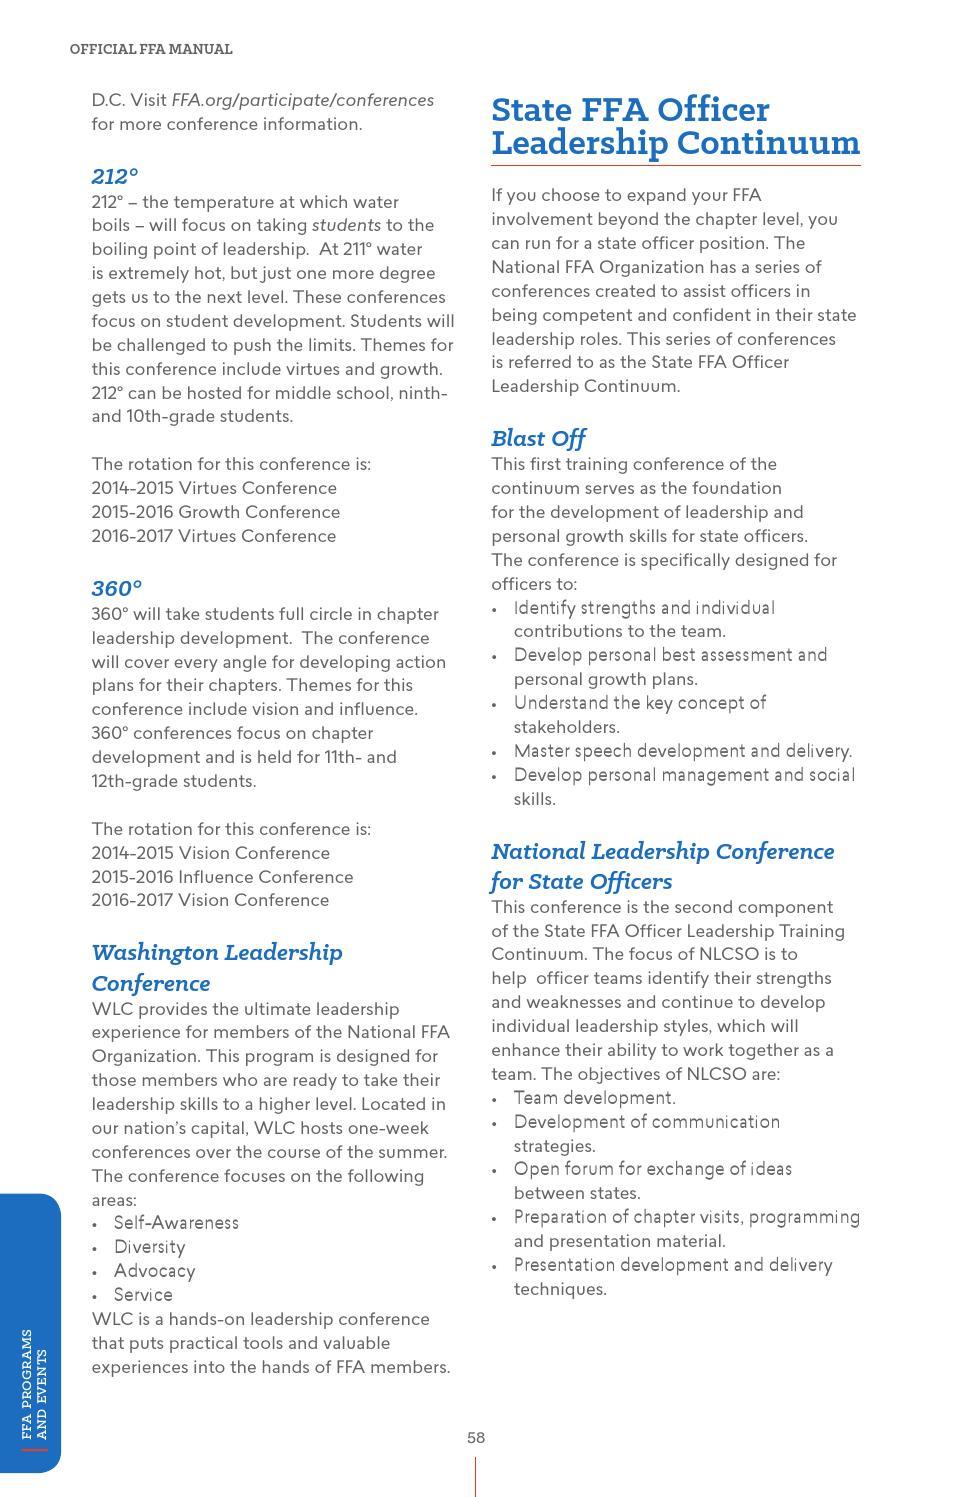 Official FFA Manual - English by National FFA Organization - issuu